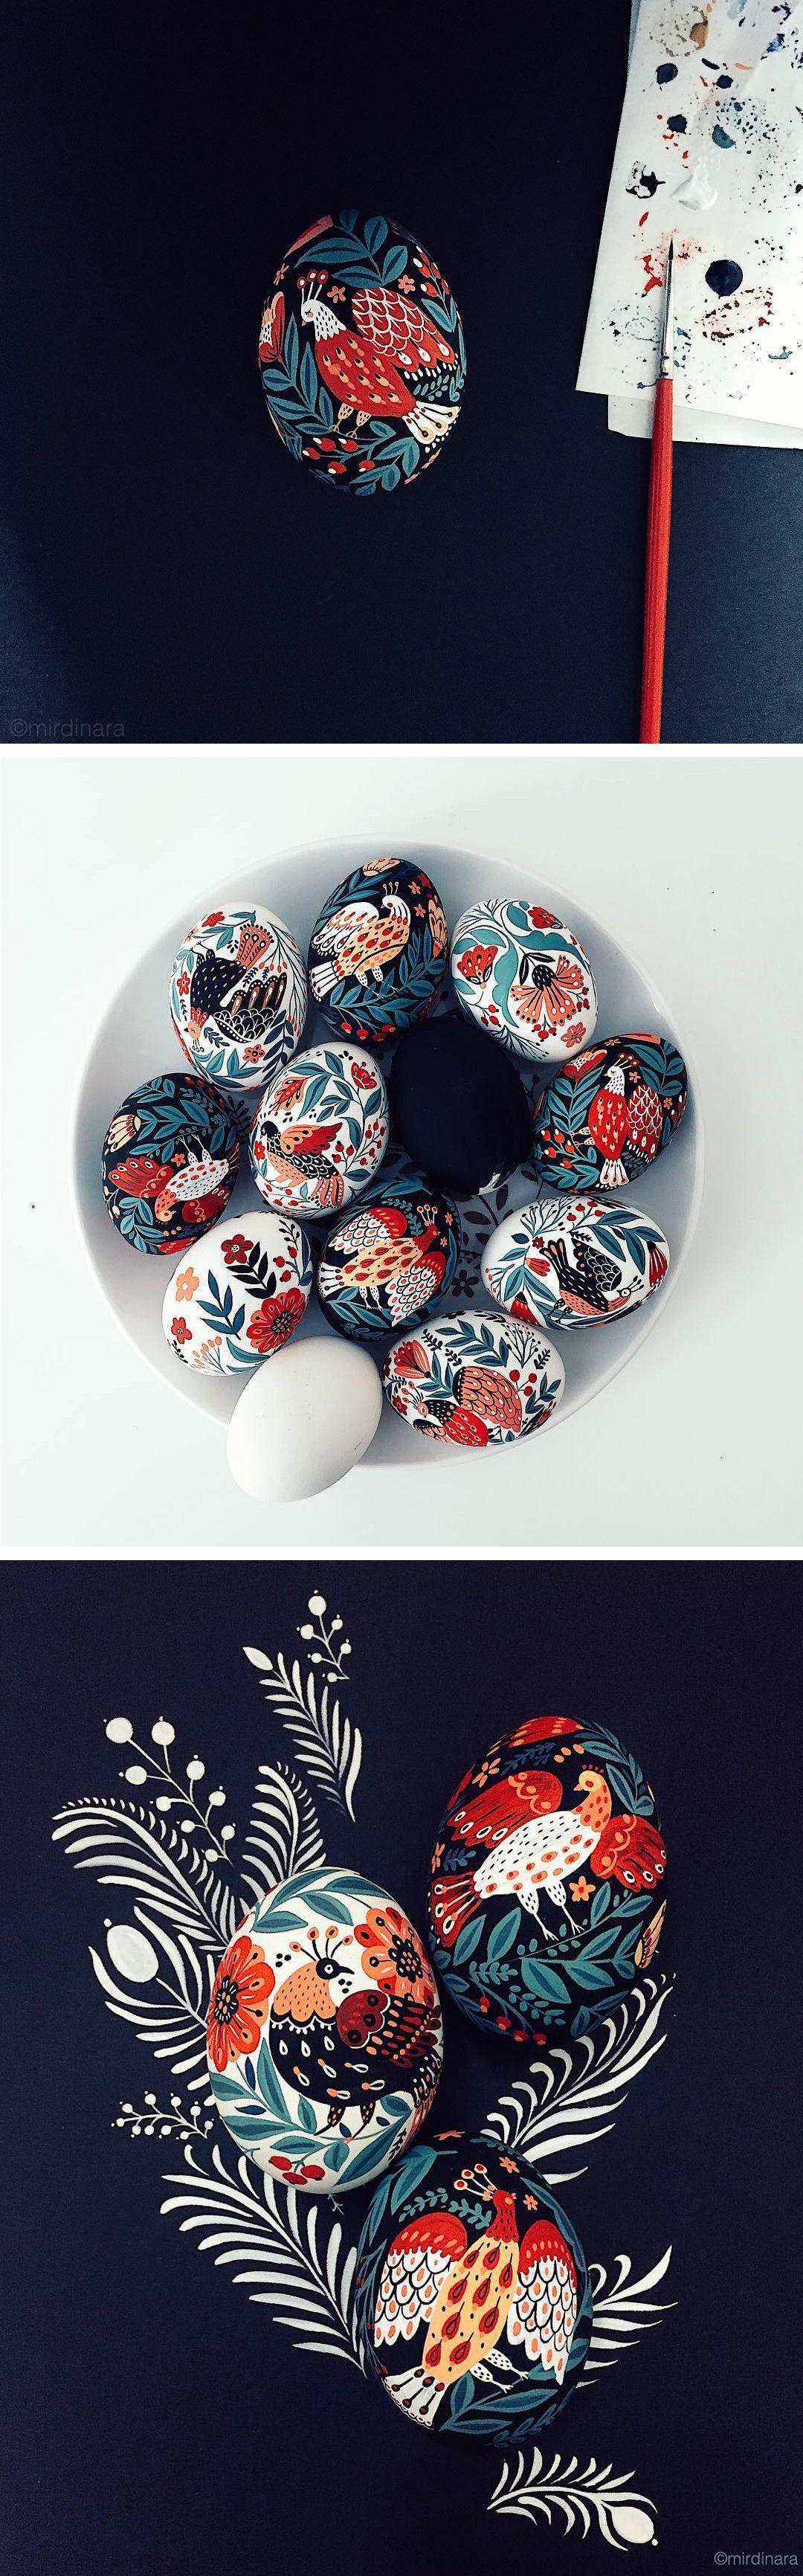 painted eggs by Dinara Mirtalipova | Easter egg | folk-inspired illustration | folk-inspired art